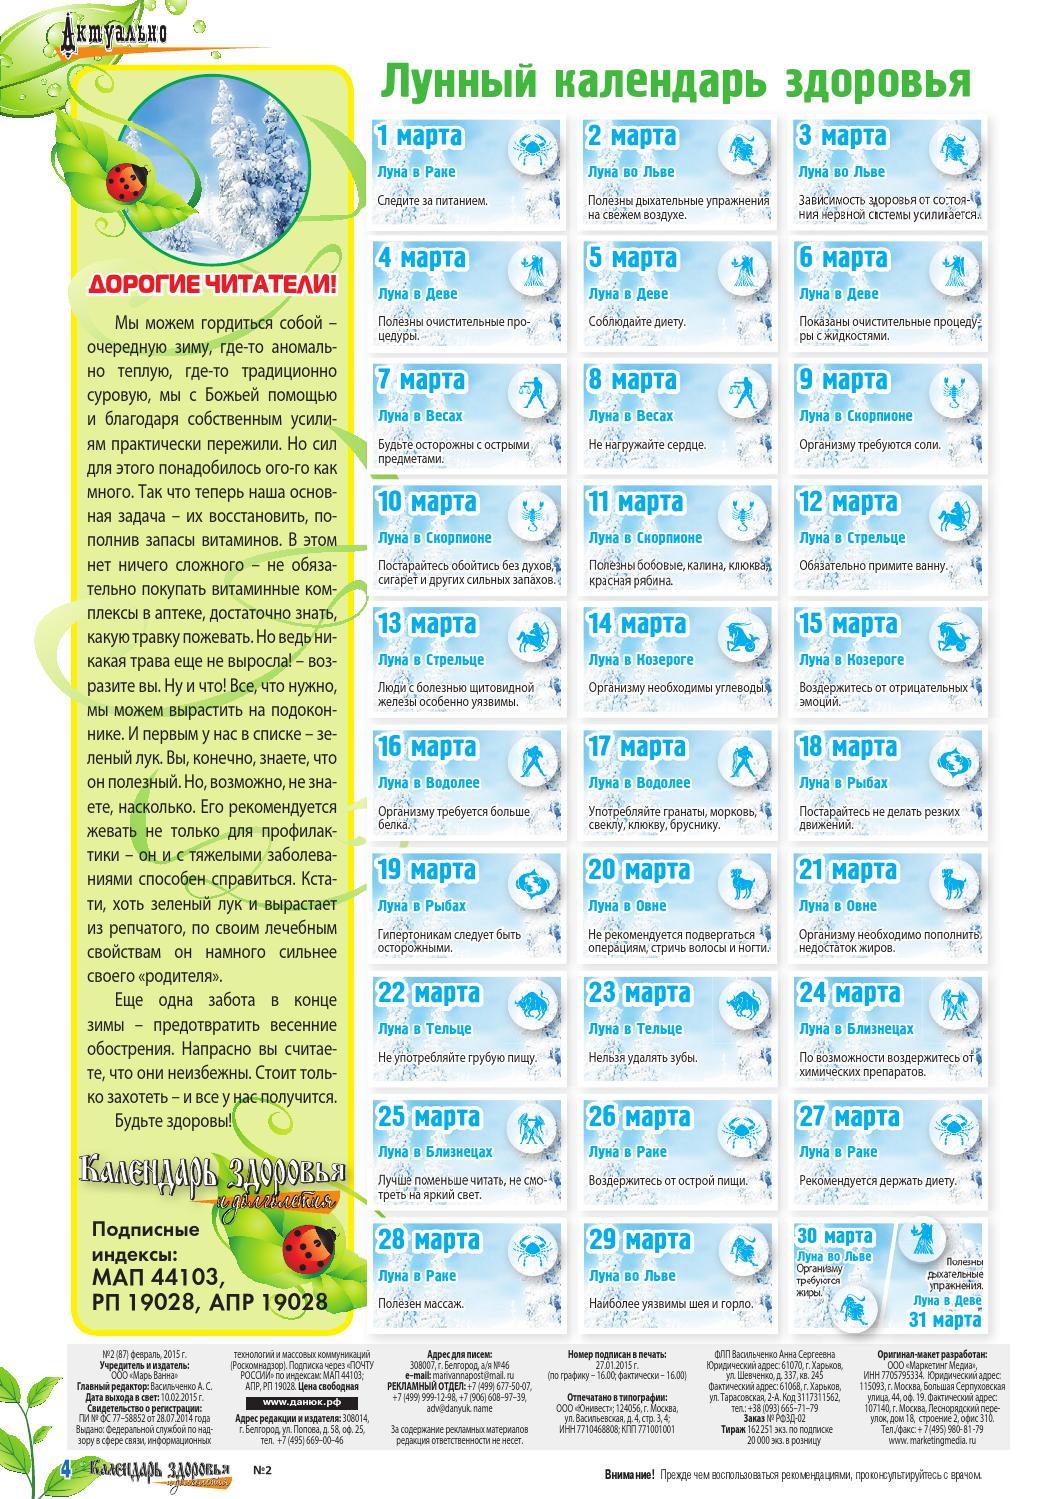 Принимать витамины по лунному календарю